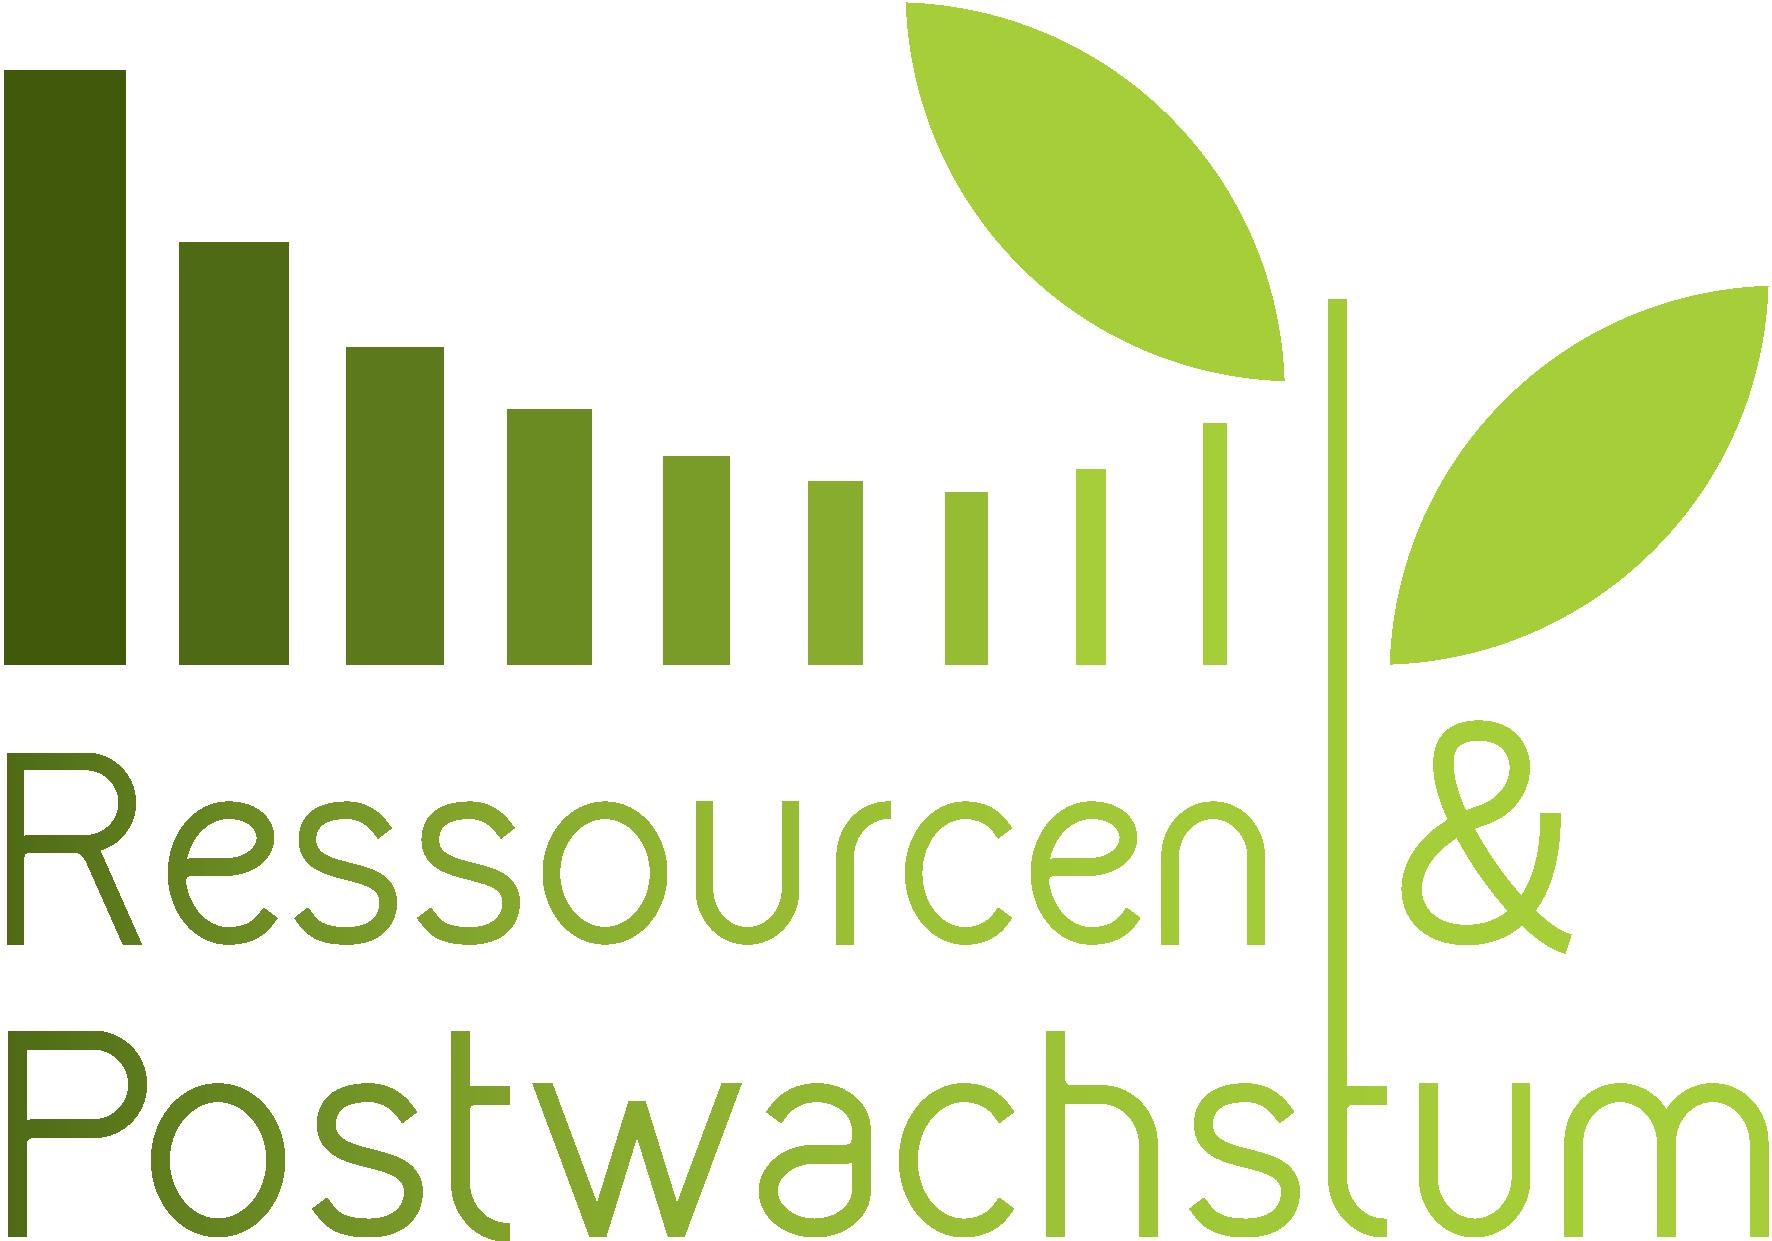 Ressourcen-und-Postwachstum - Logo